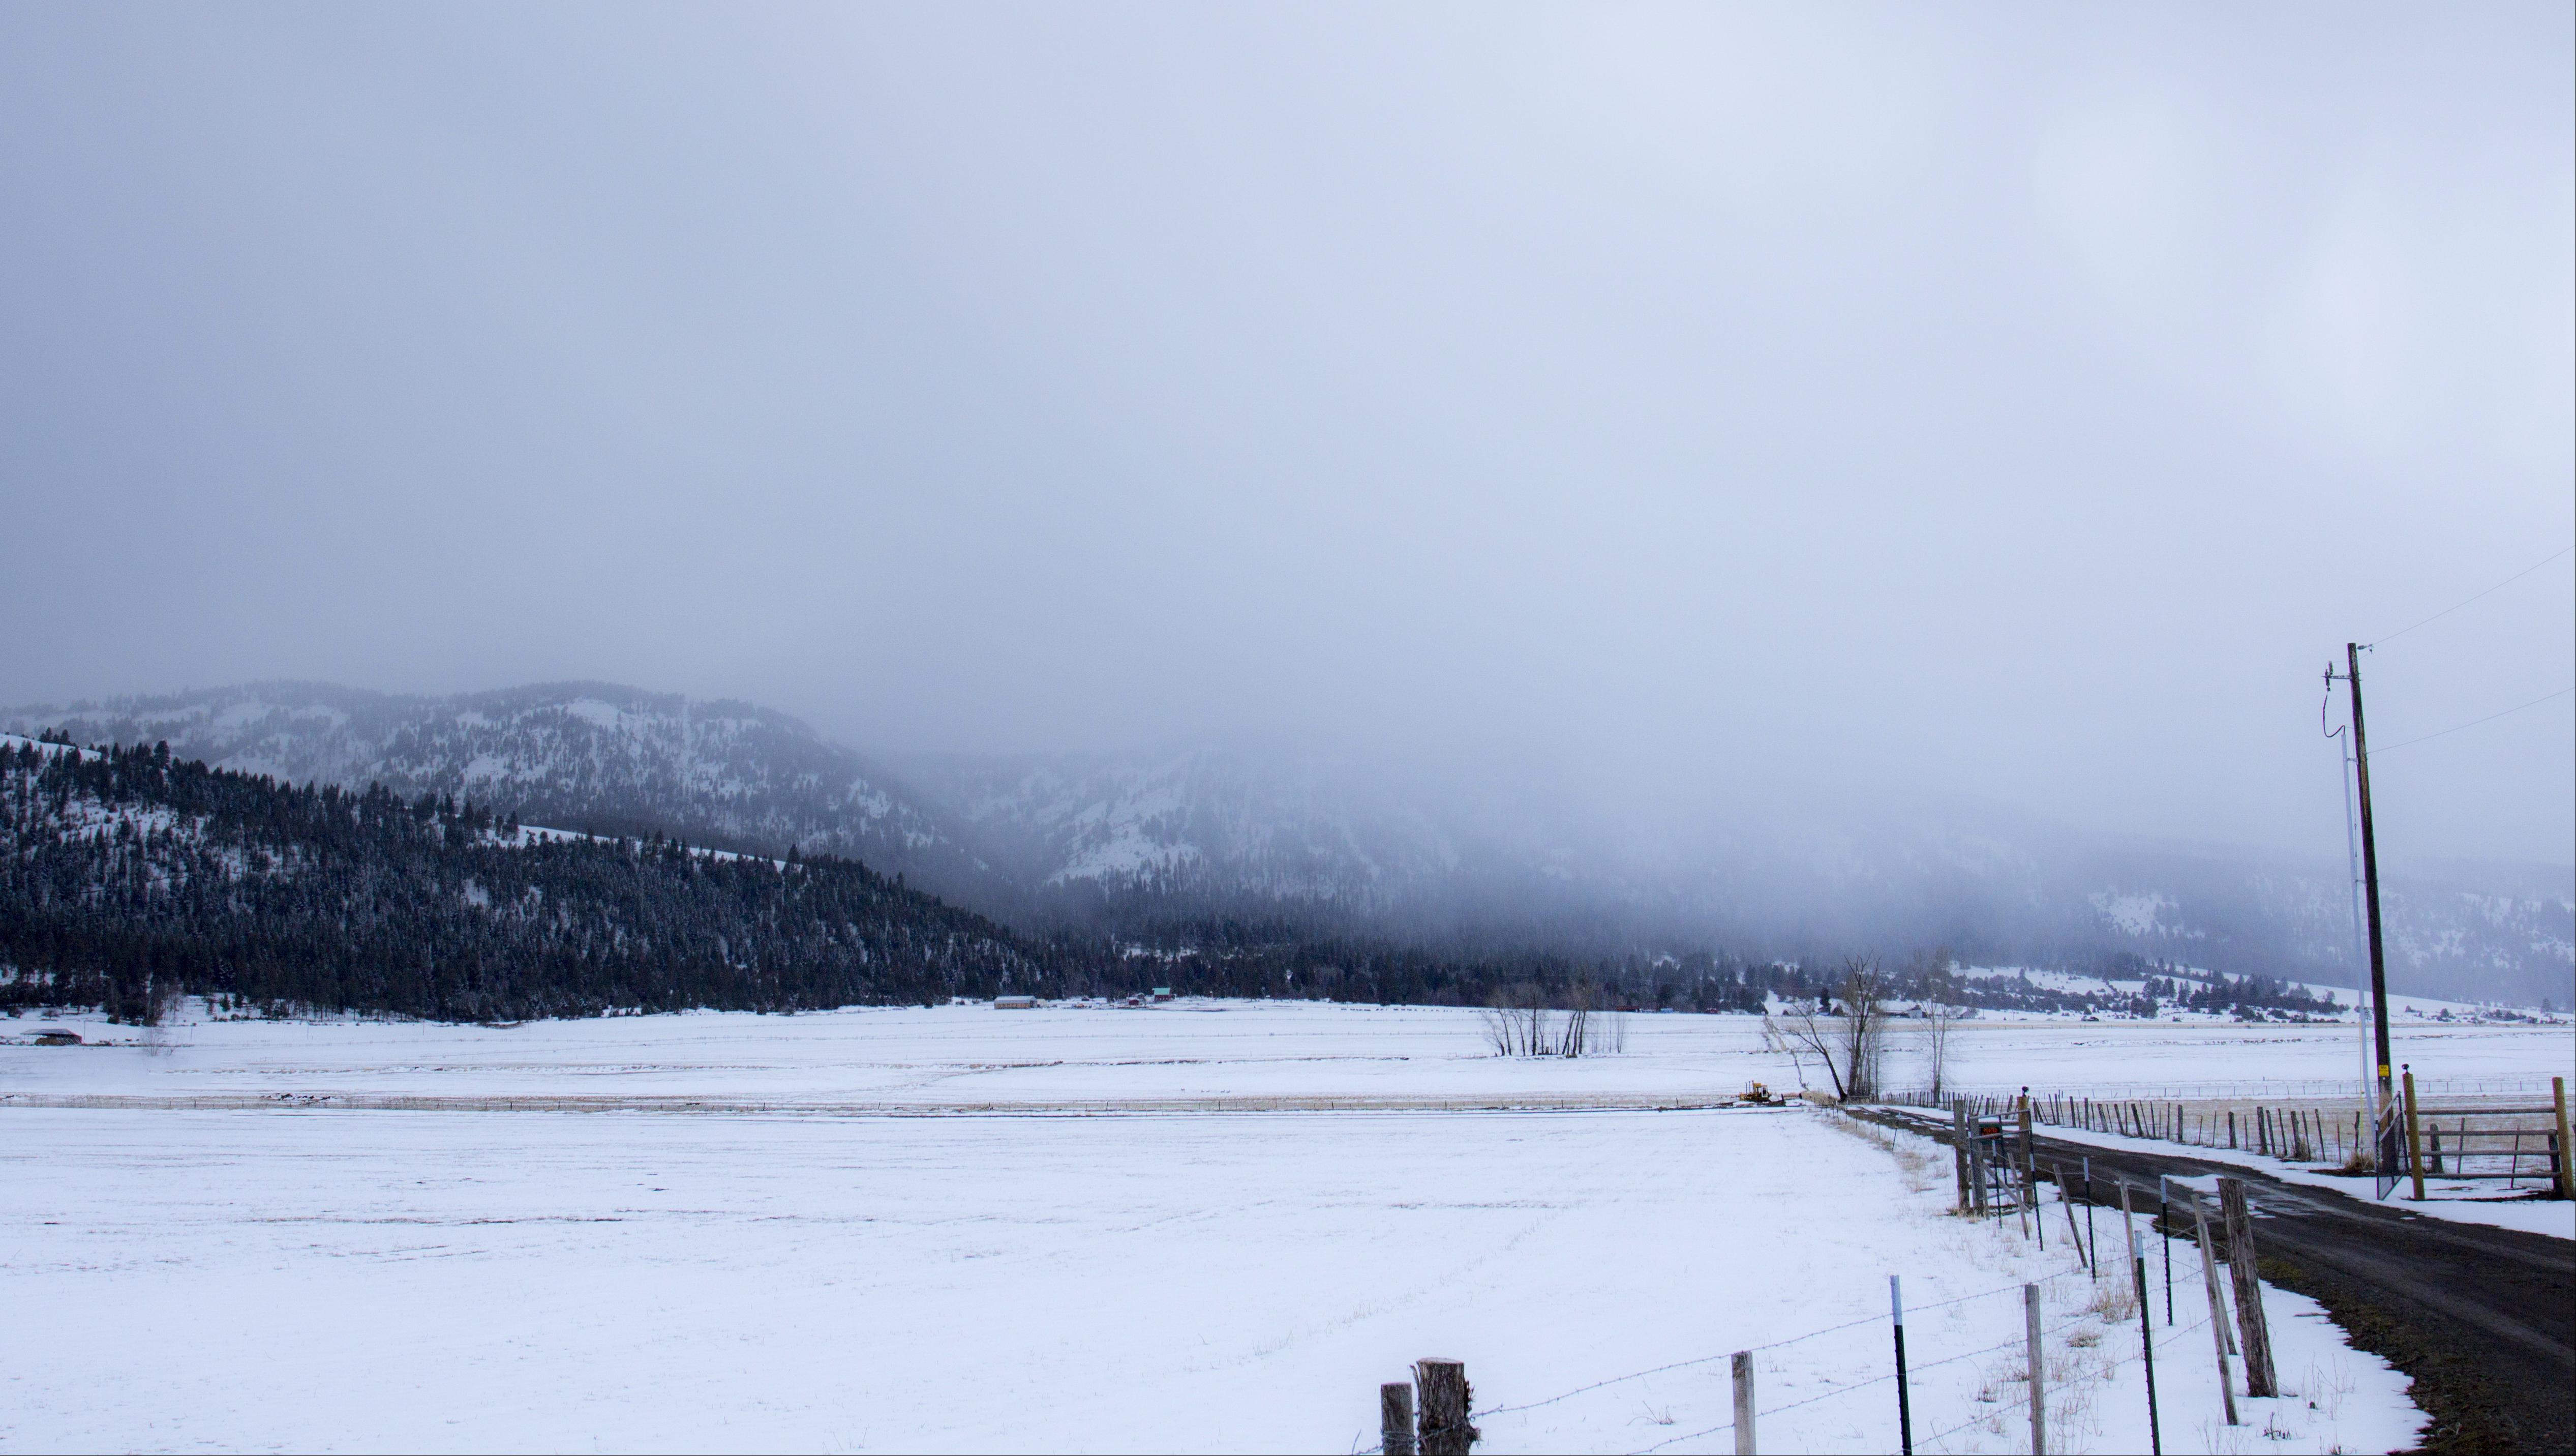 Snow storm on blue mountains, oregon photo